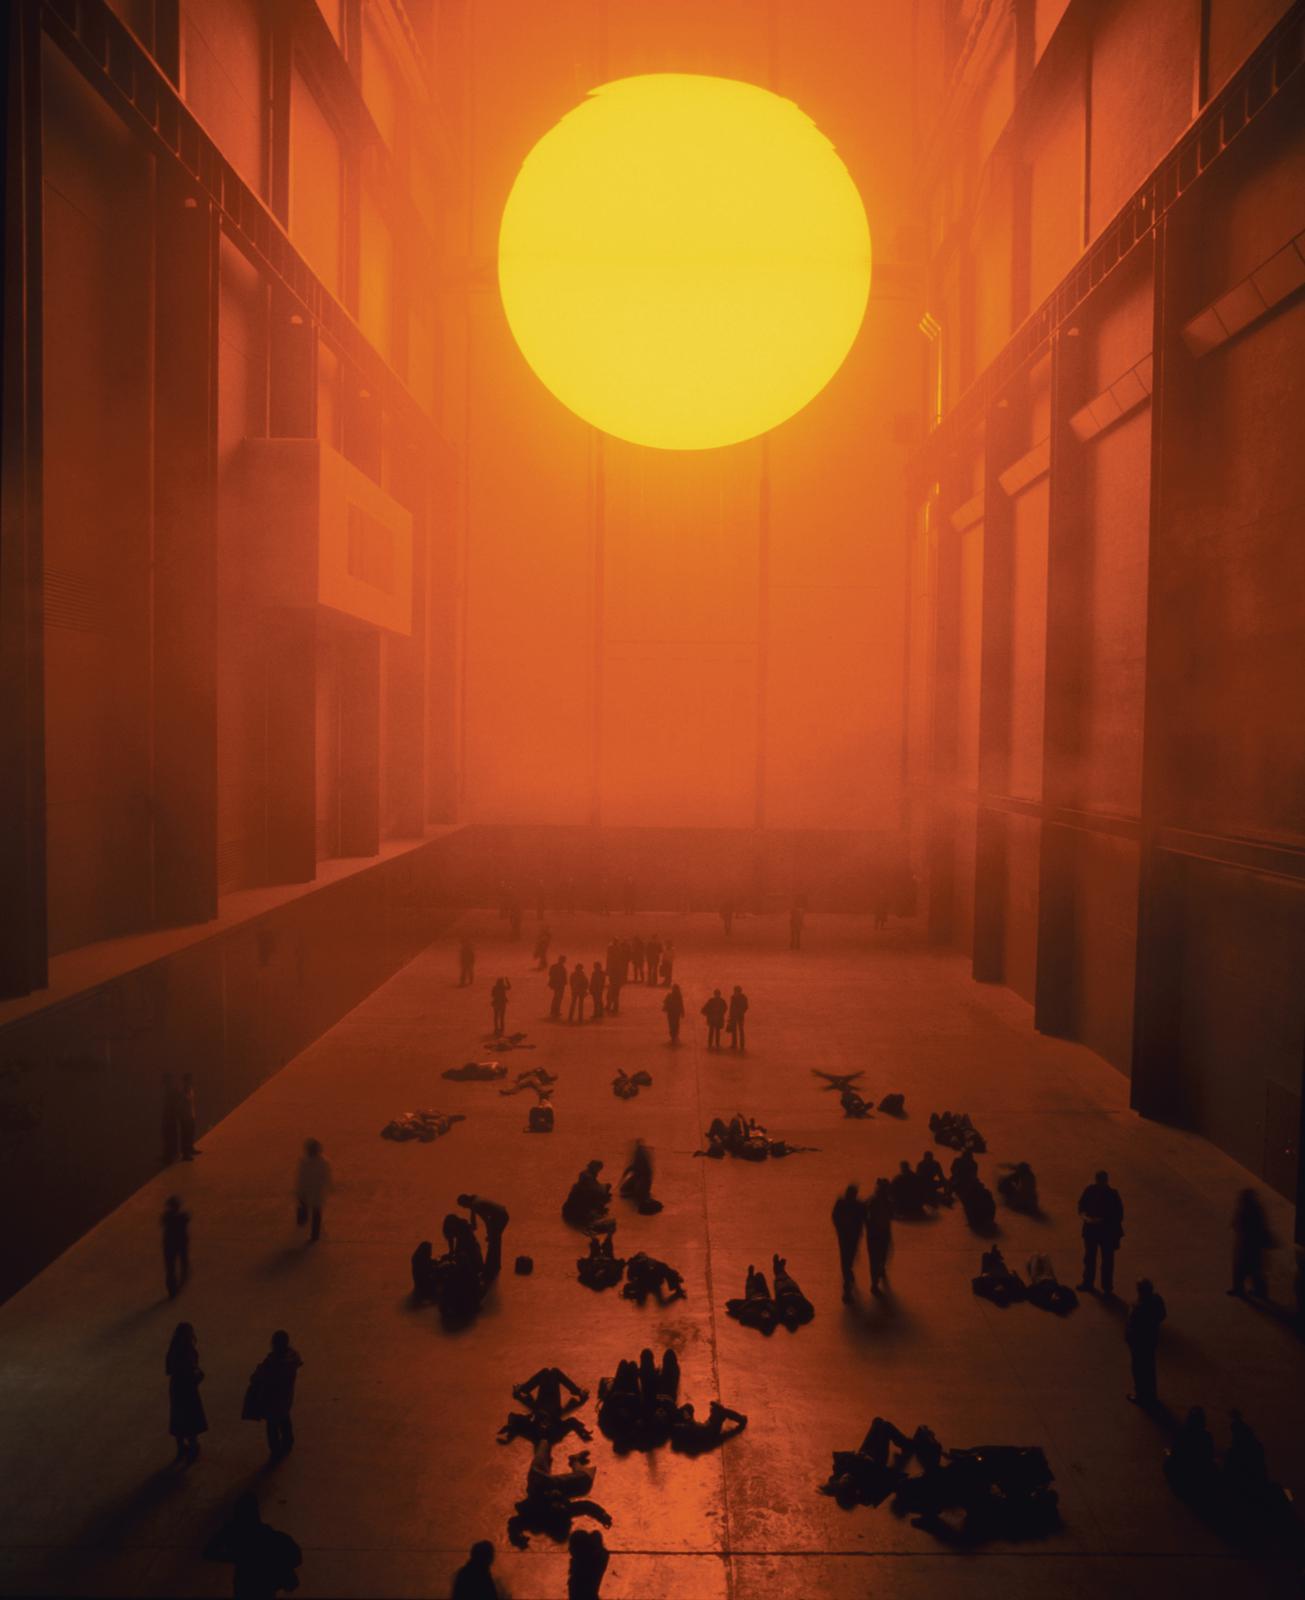 Giochi di luce: le opere di Olafur Eliasson